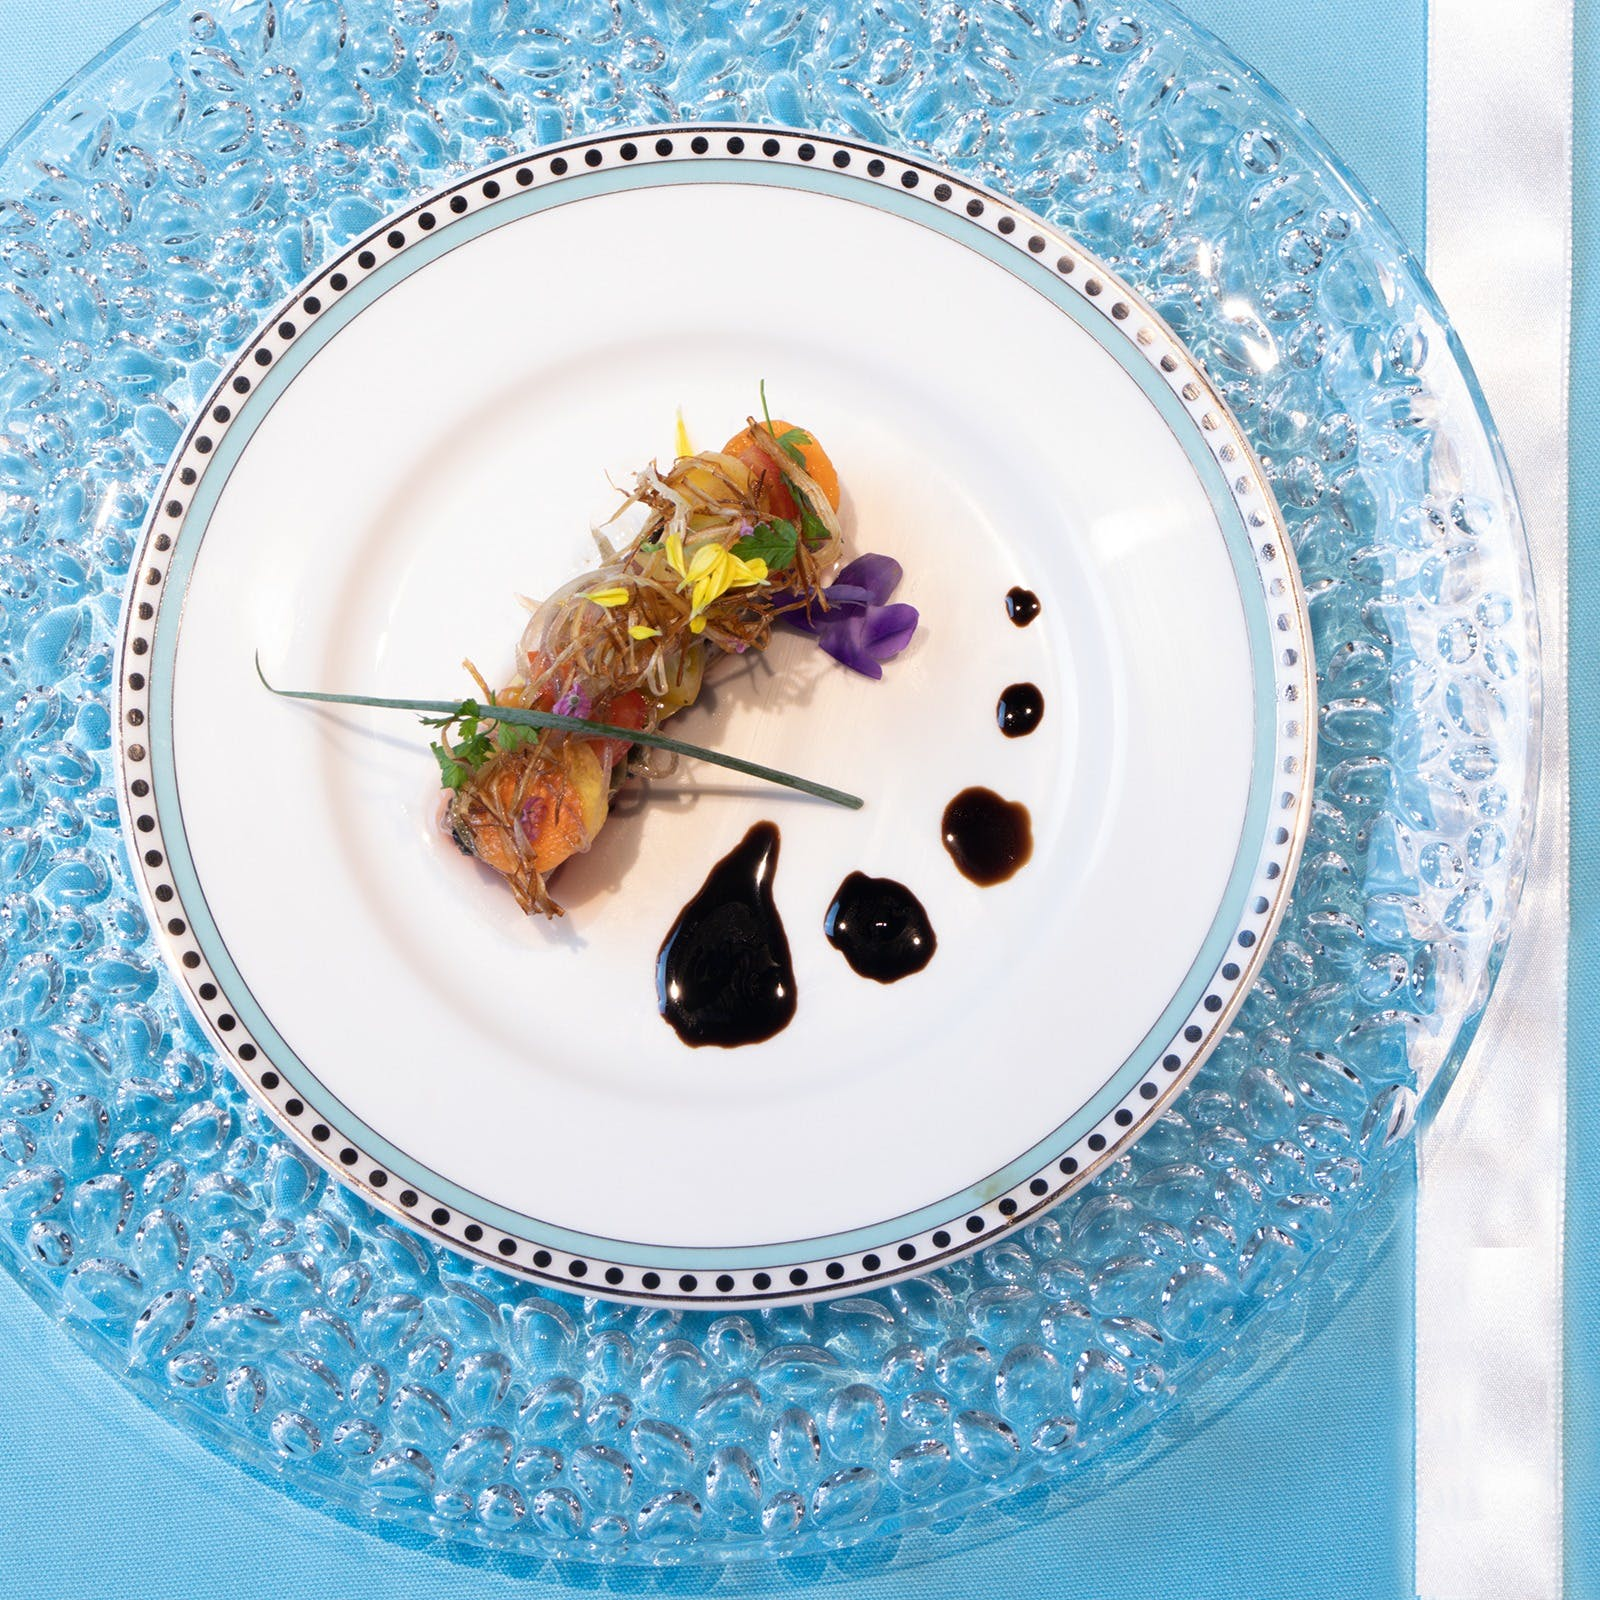 豪華食器と寿司、フレンチ料理の融合